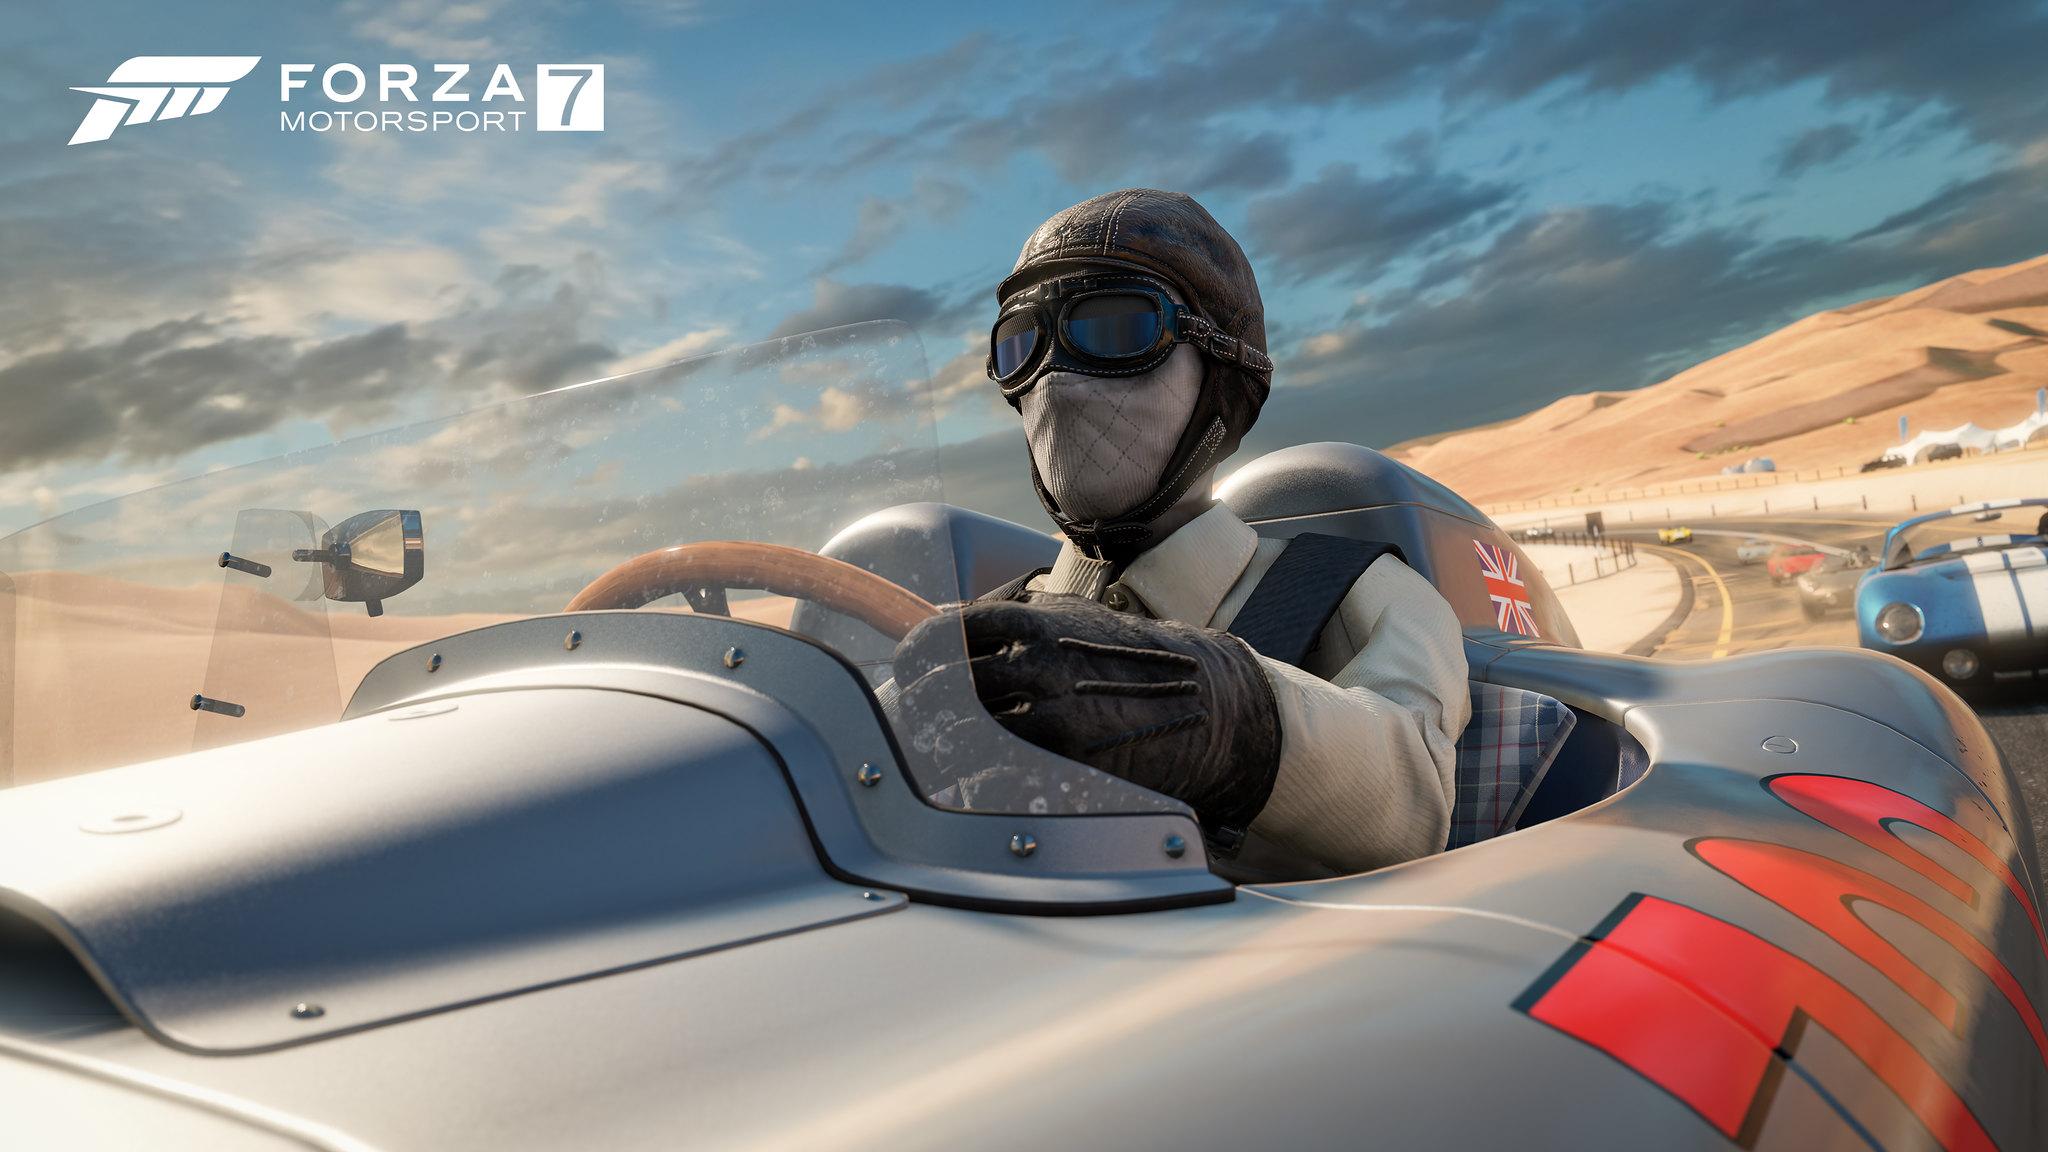 Forza7_E3_PressKit_07_1930sDriver_WM_4K